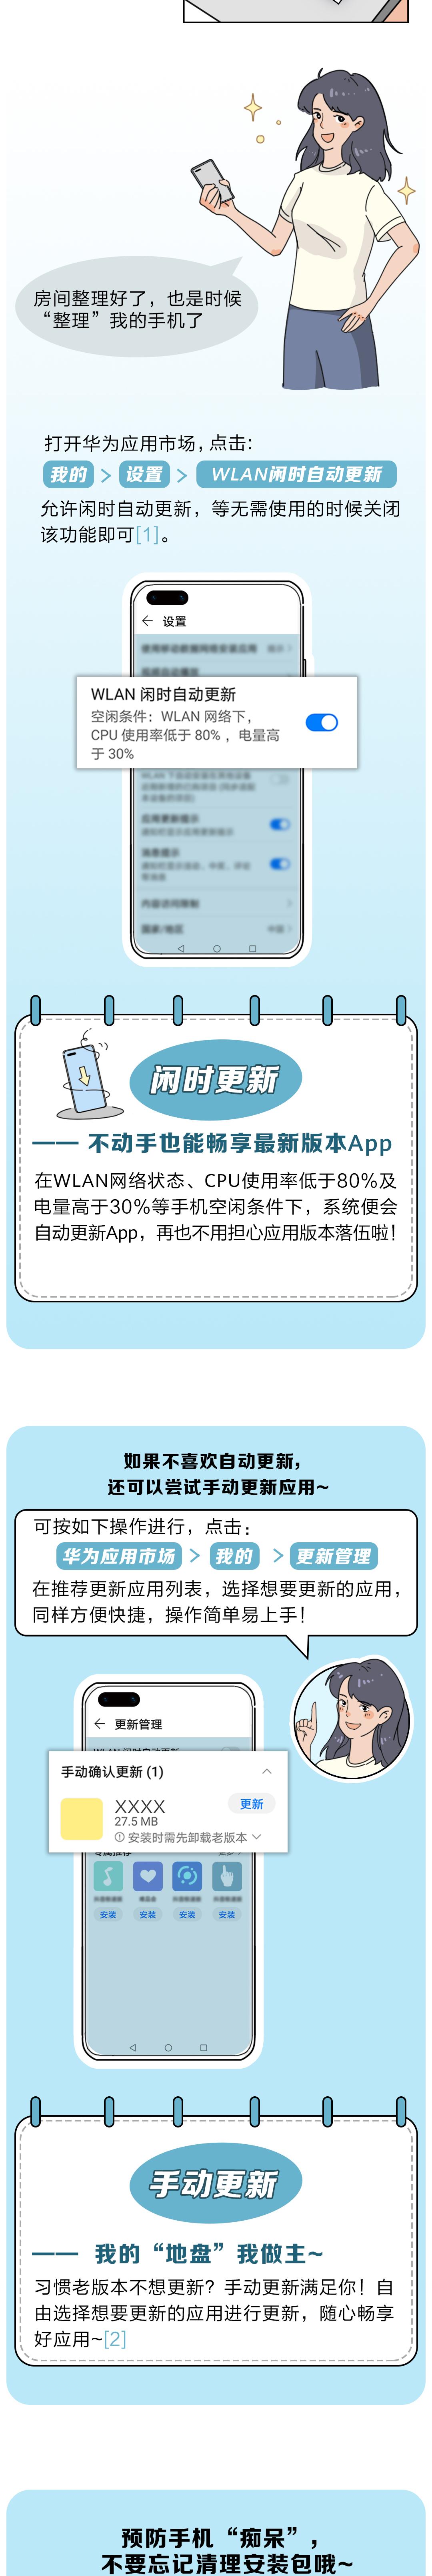 华为应用市场 | 应用管理学起来,手机运转更畅快